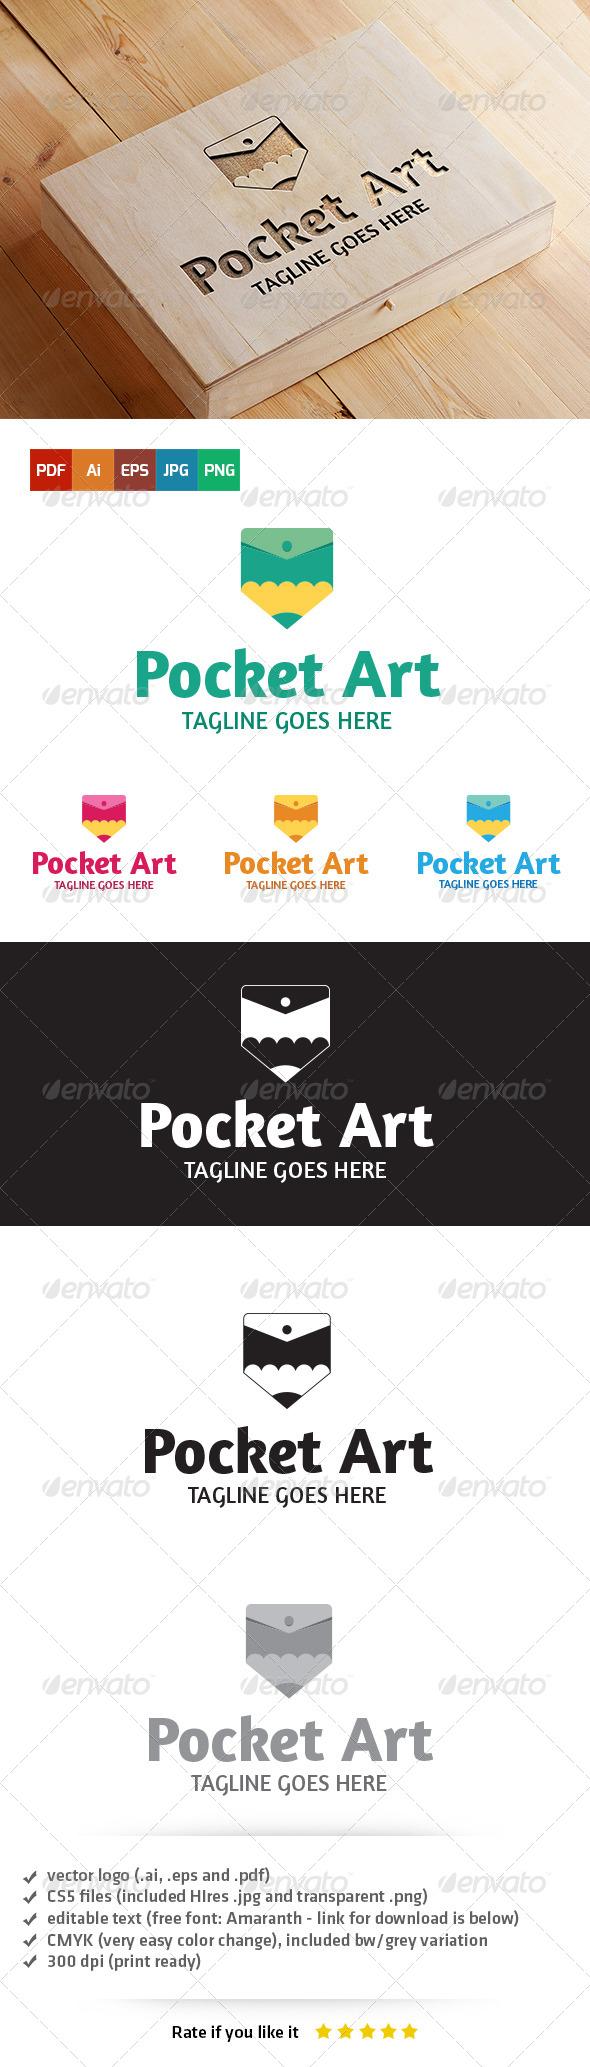 GraphicRiver Pocket Art Logo 5403771